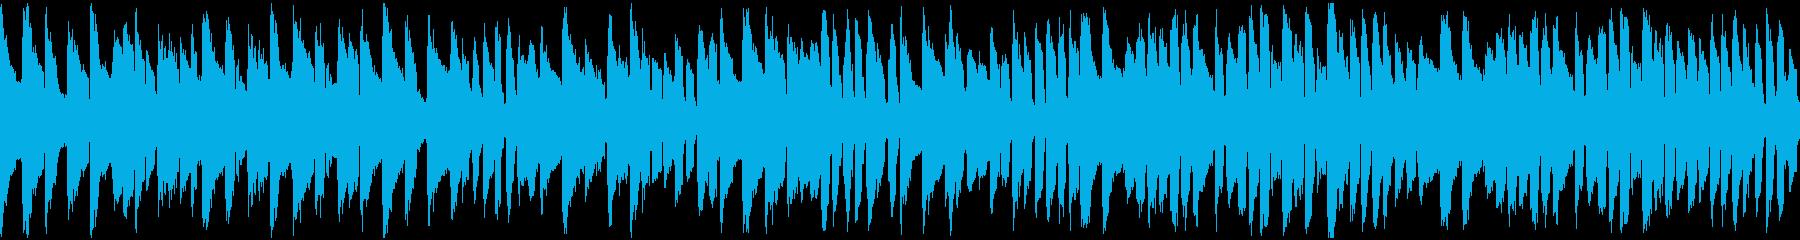 ハープシコードのBGM(ループ)の再生済みの波形